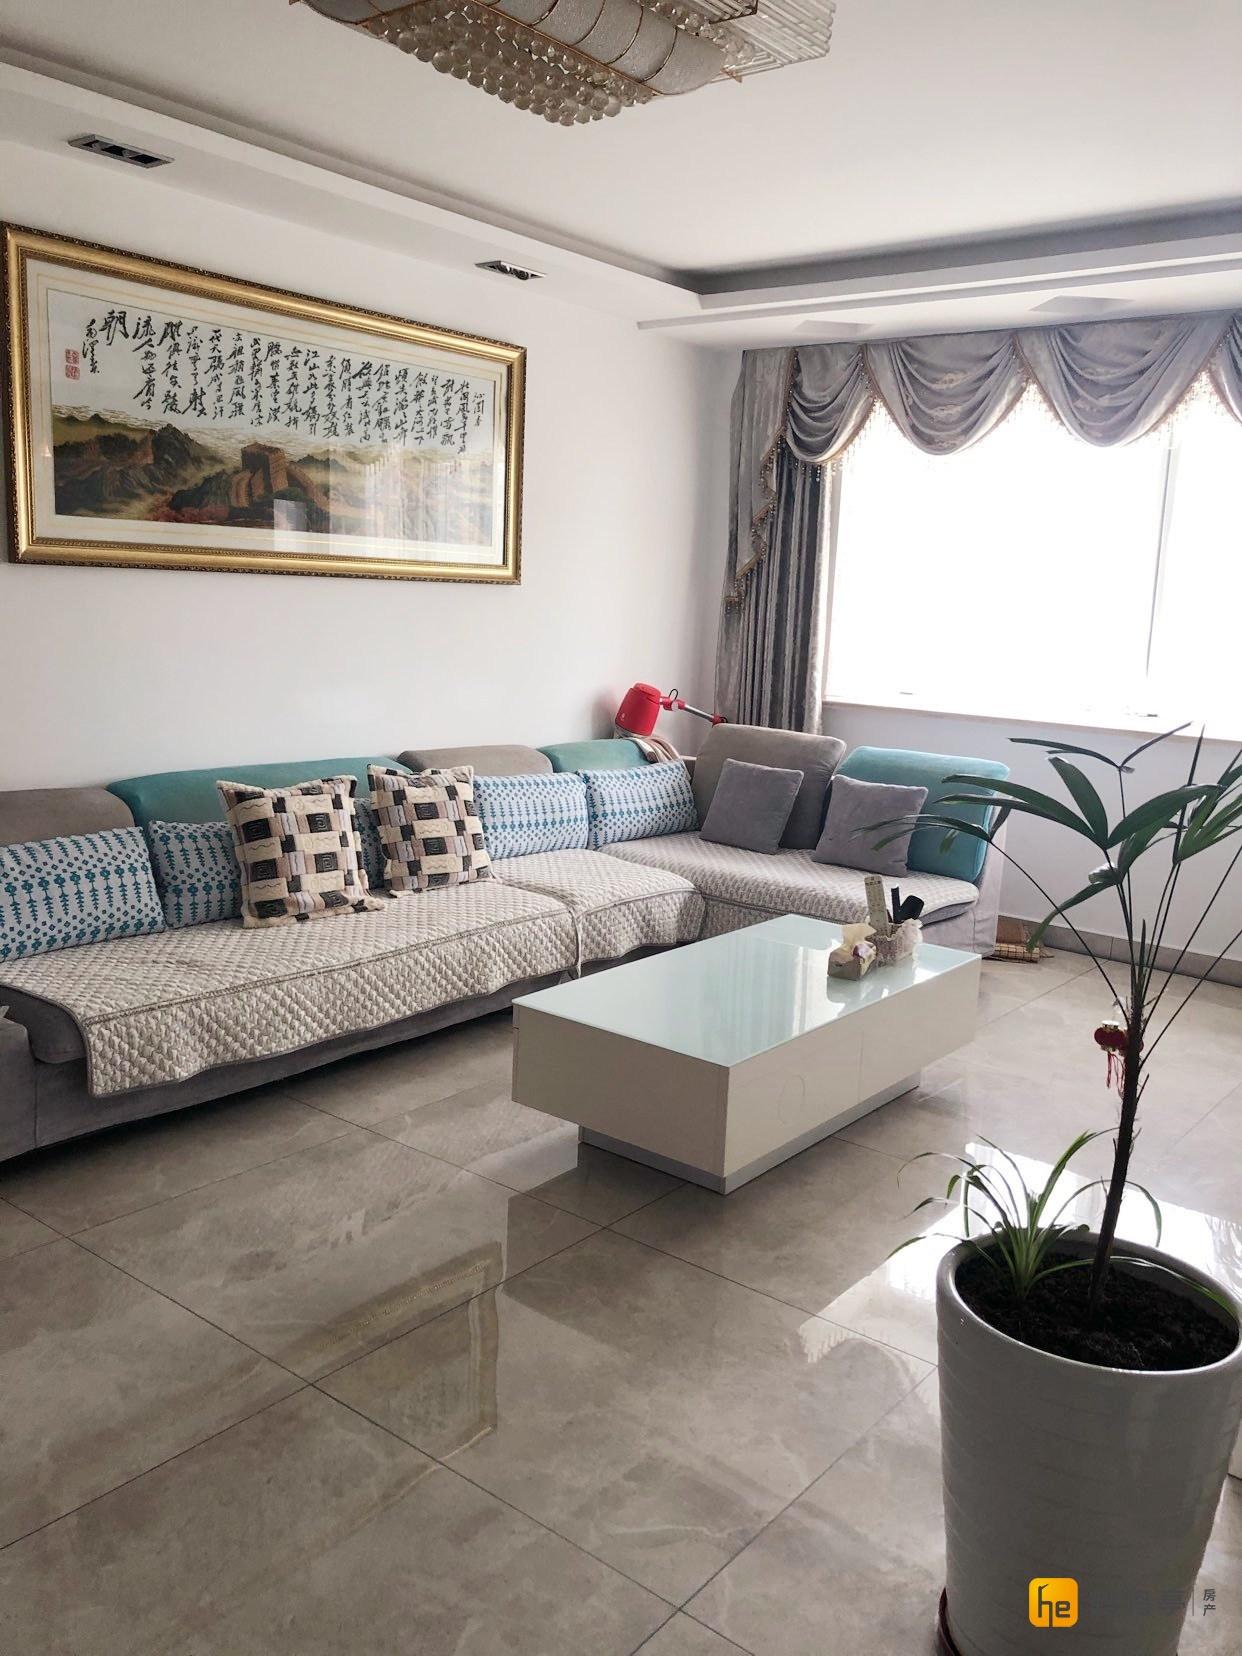 张庄金都华城旁华泰景城精装修多层4楼128平90万: